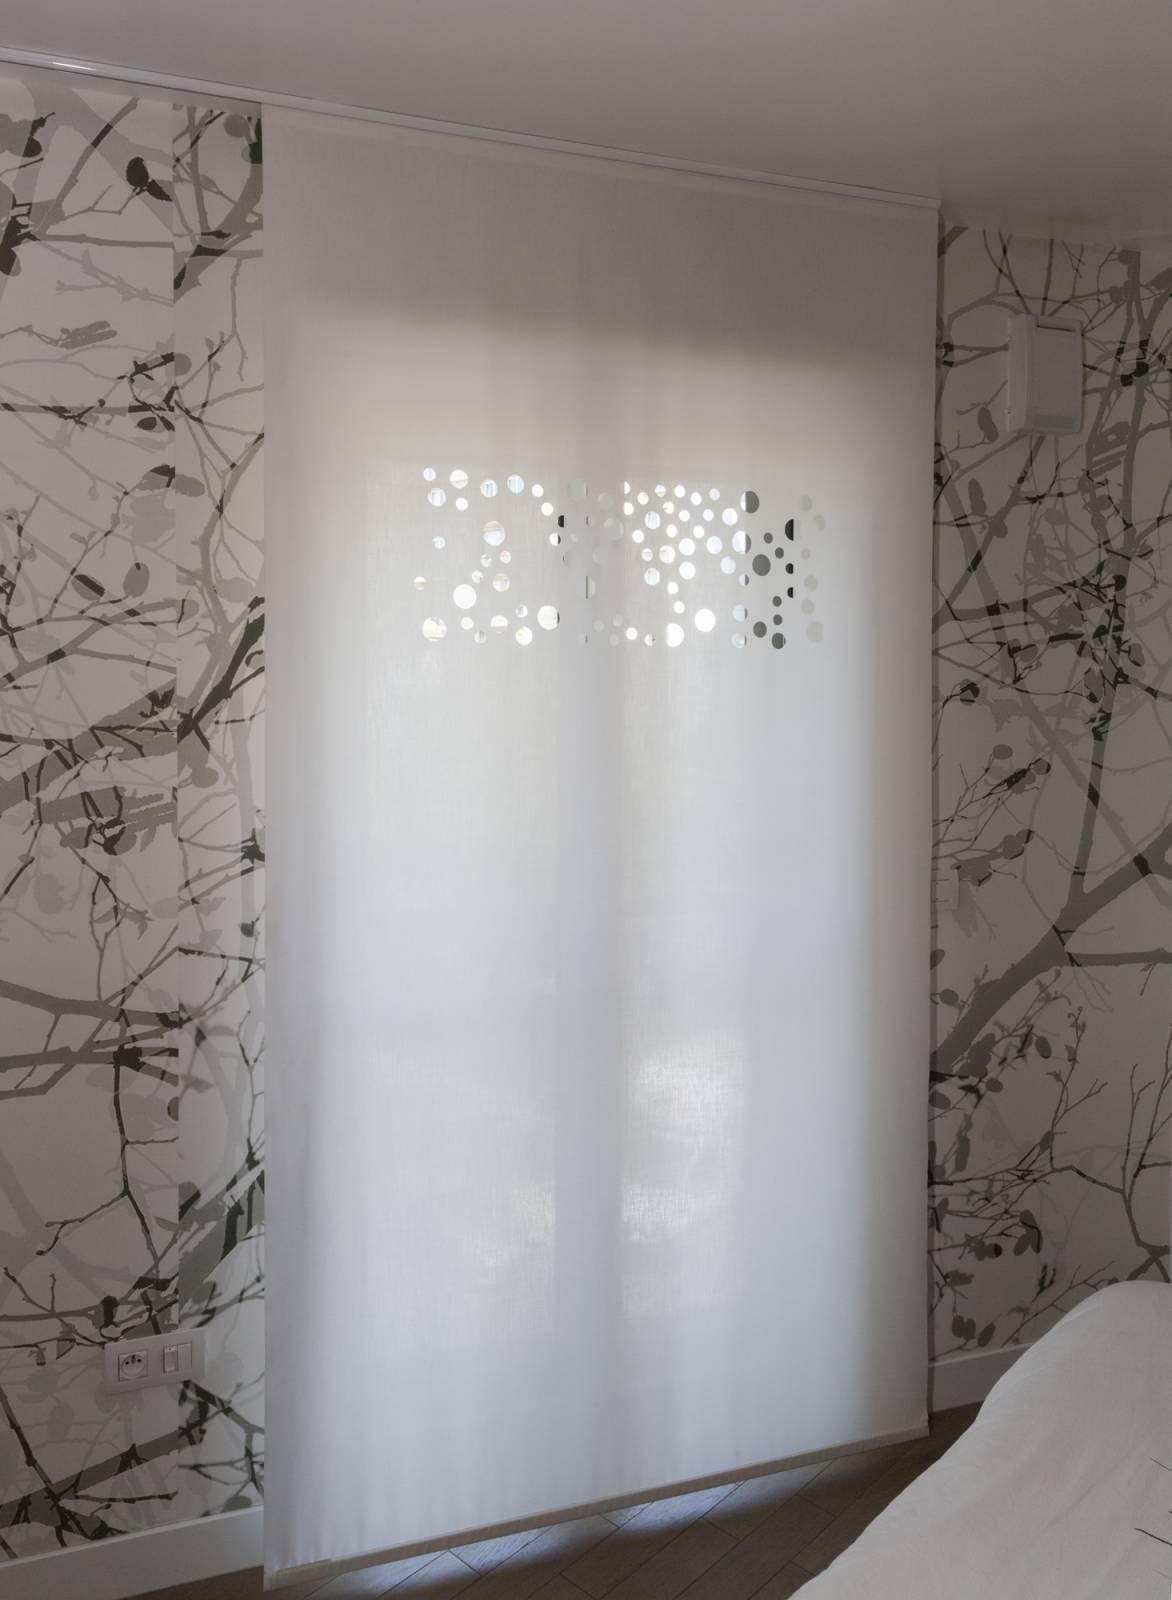 """Panneaux japonais translucides """"Bulles de savon"""" - exemple de réalisation 5"""